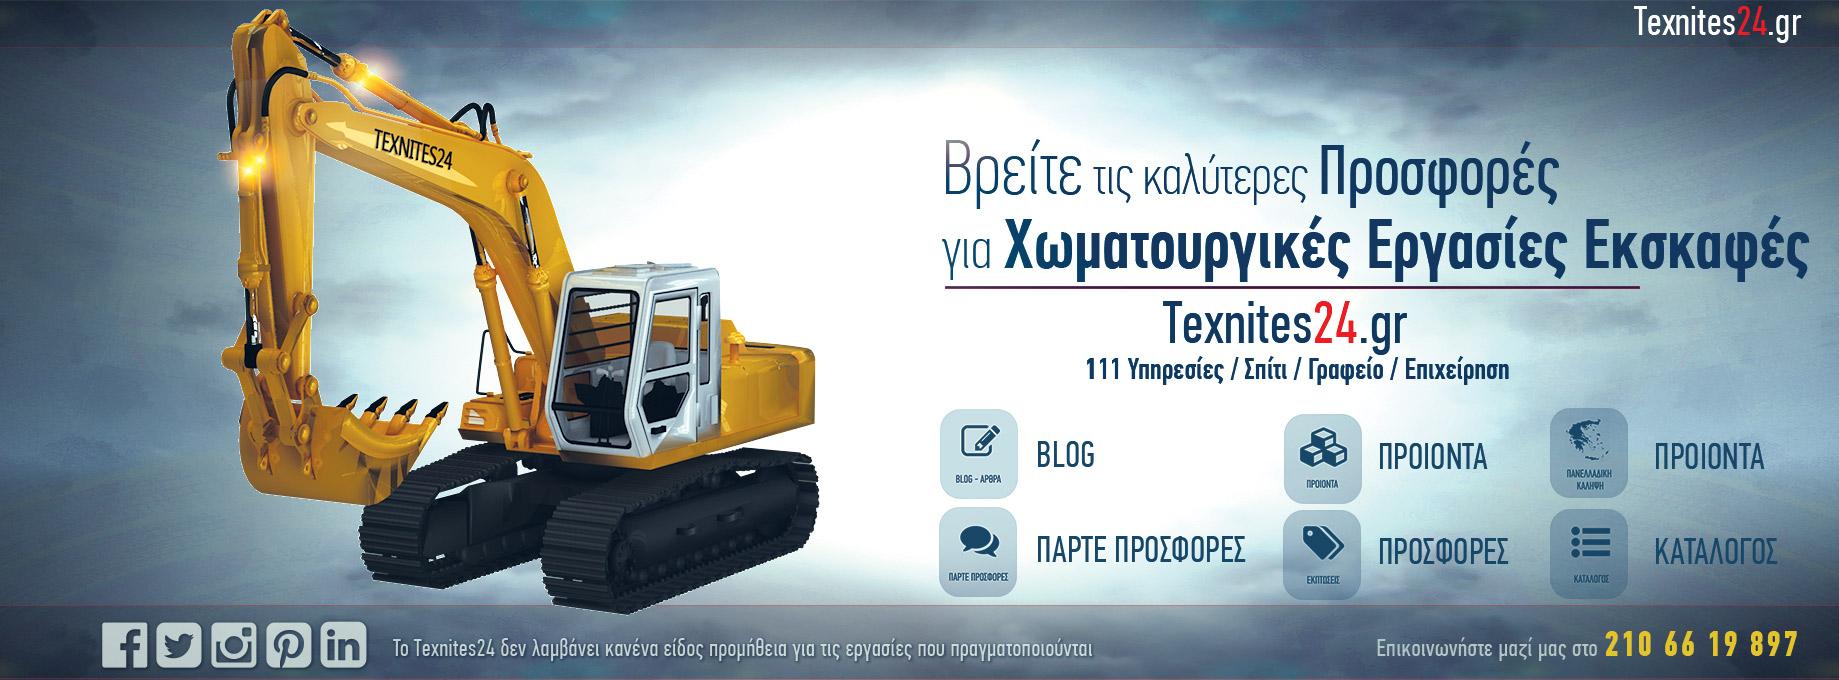 Χωματουργικές Εργασίες Εκσκαφές  Texnites 24